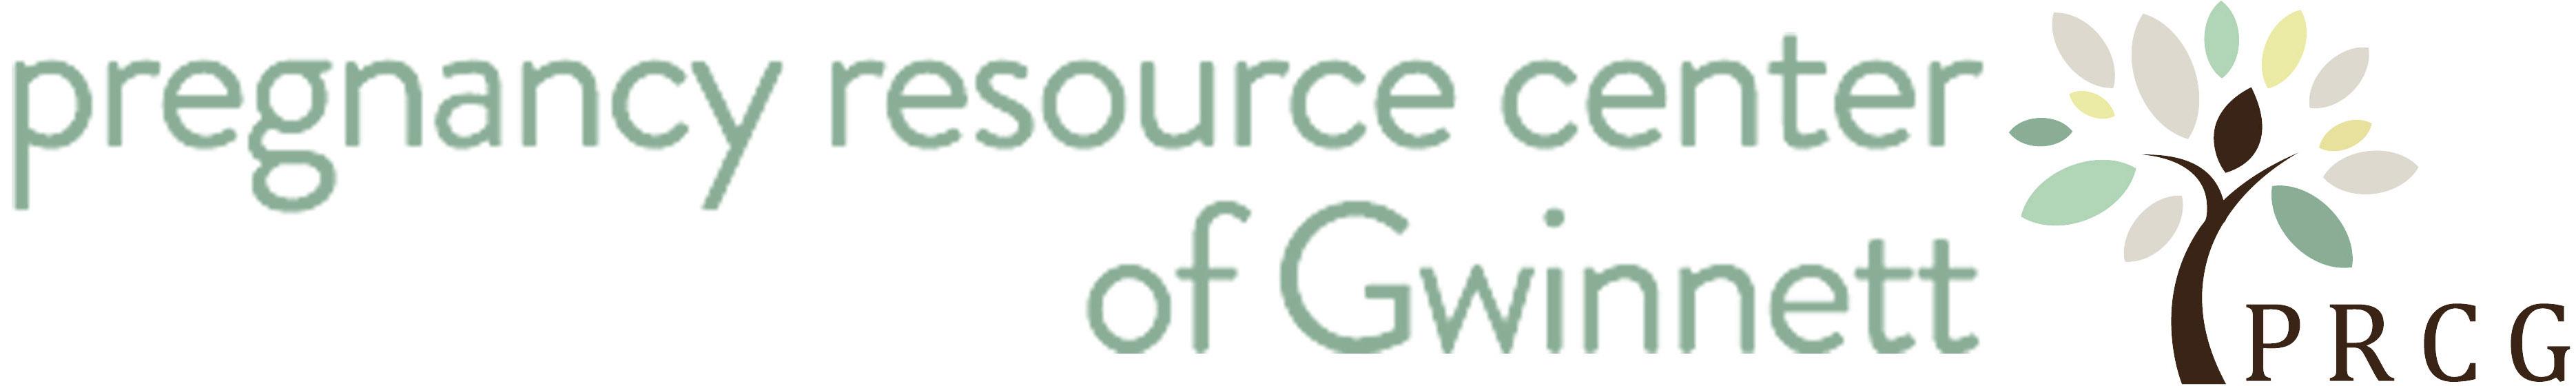 Pregnancy Resource Center of Gwinnett